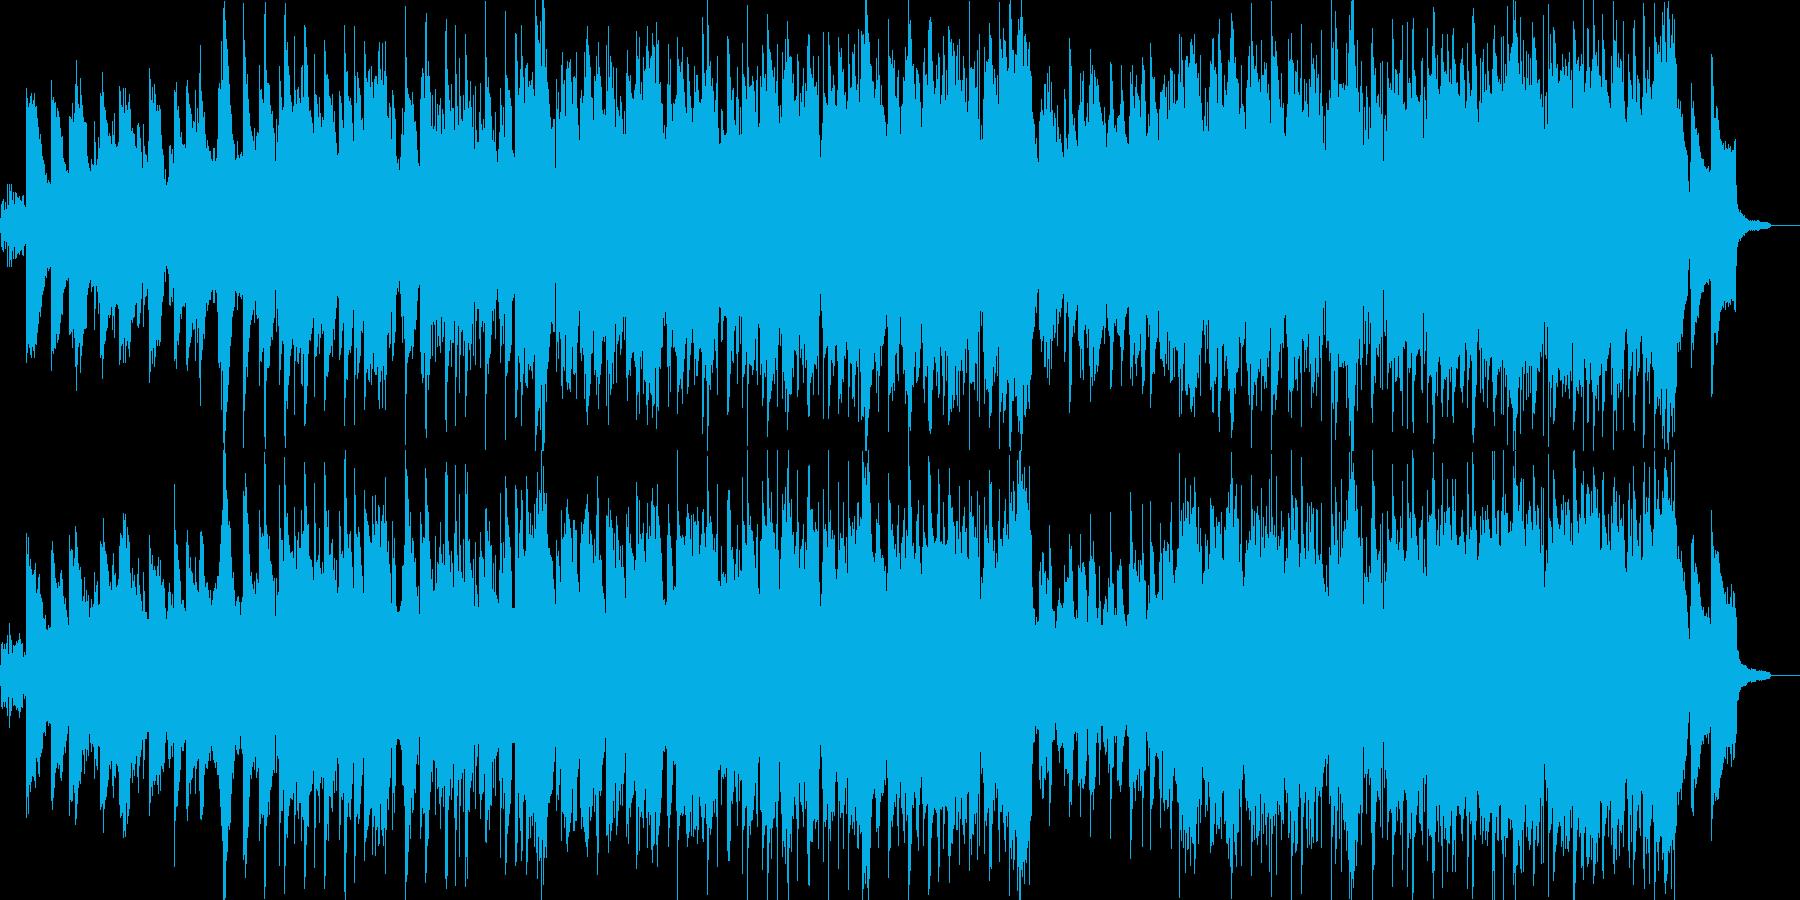 笛とピアノの古風なニューエイジ音楽の再生済みの波形